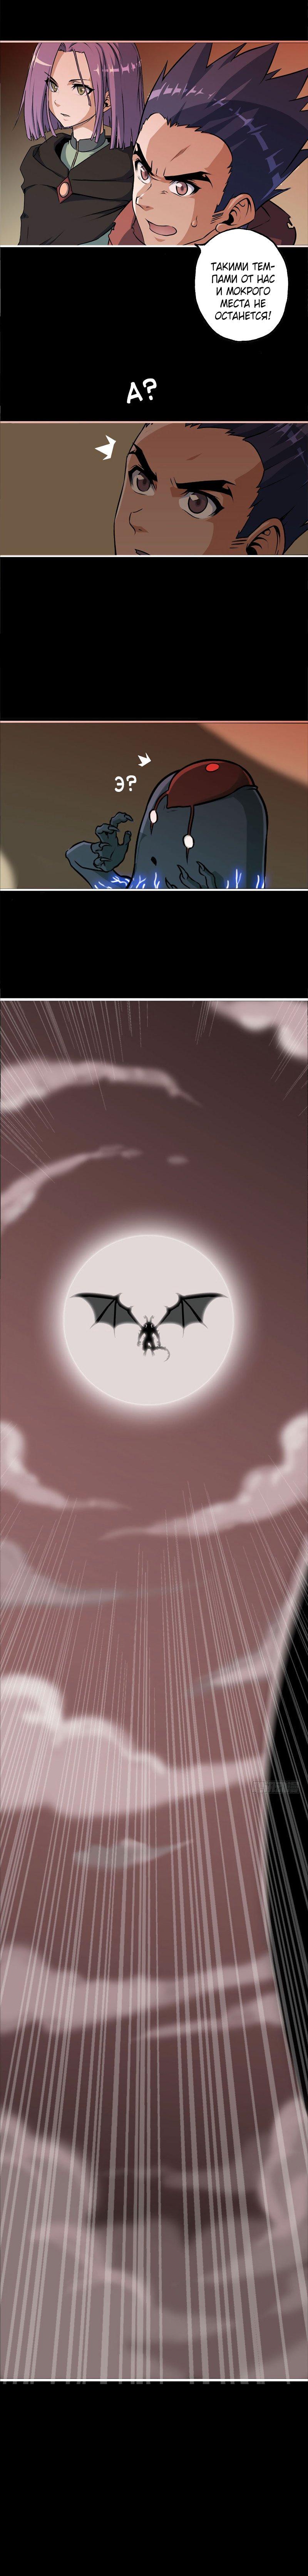 Манга Моя жена — королева демонов / My Wife is a Demon Queen  - Том 1 Глава 1 Страница 11